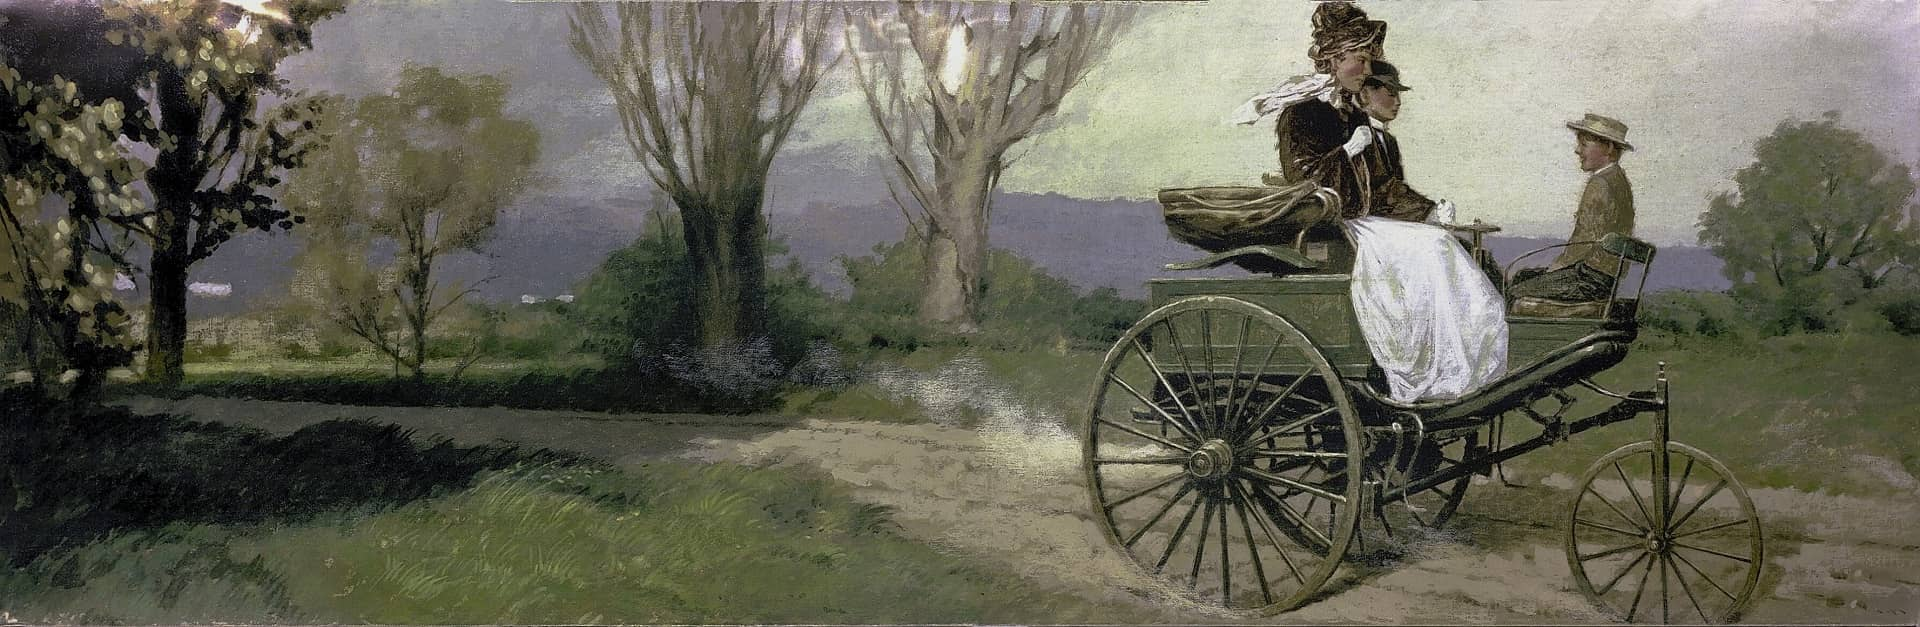 Bilder Benz Patent-Motorwagen, Fernfahrt von Mannheim nach Pforzheim von Bertha Benz mit ihren Söhnen Eugen und Richard im August 1888. Illustration.